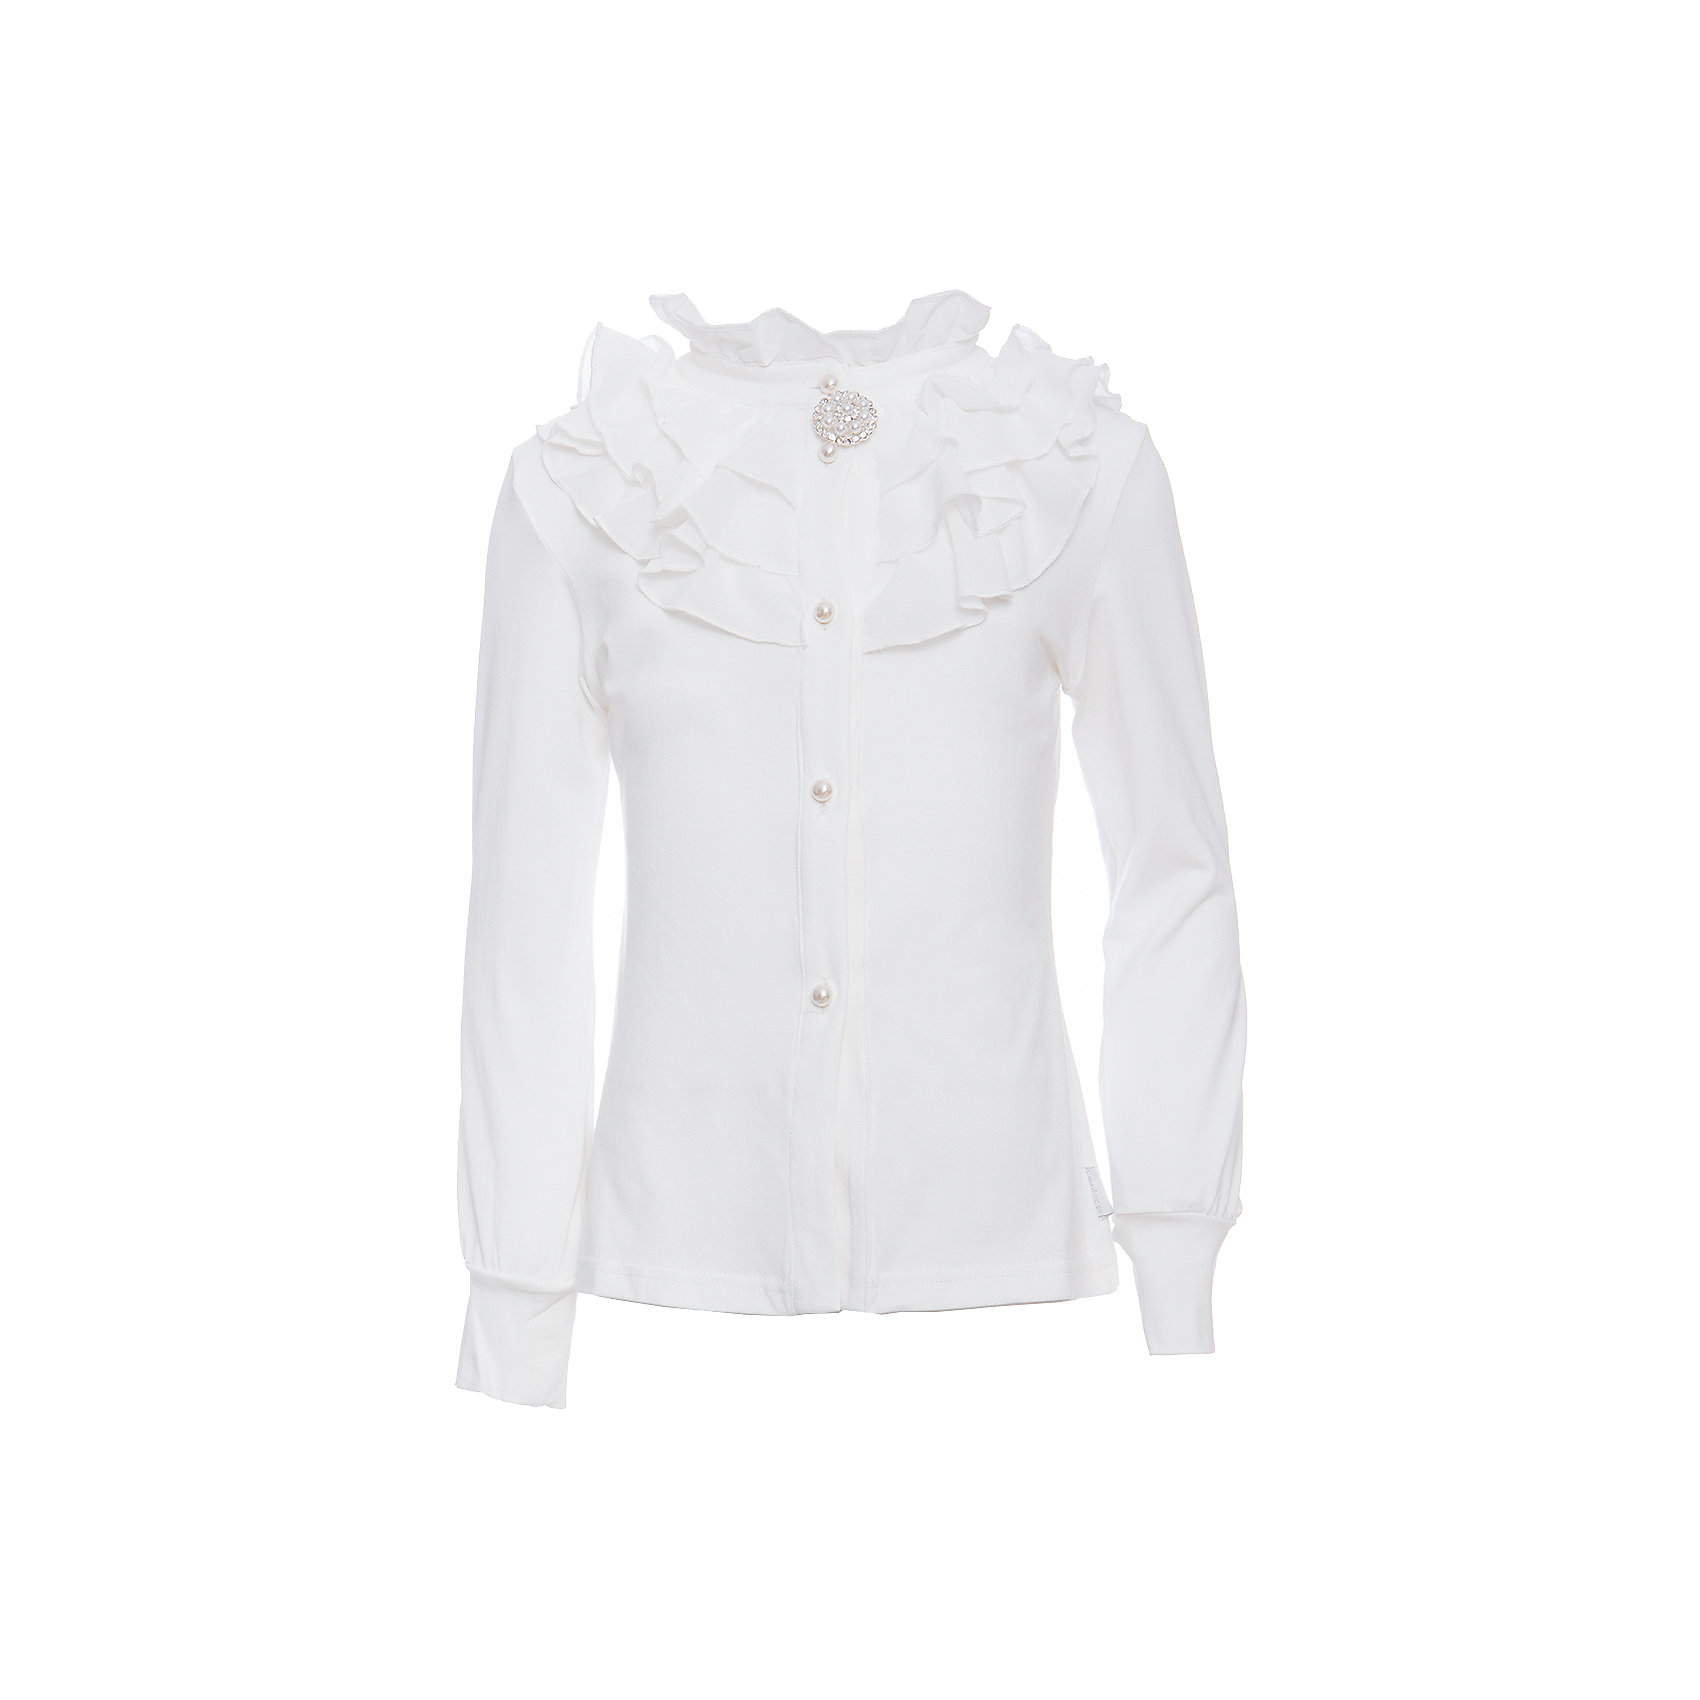 Блузка для девочки LuminosoБлузки и рубашки<br>Нарядная трикотажная блузка для девочки из хлопкового полотна, молочного цвета с воротником стойкой и длинным рукавом. Блузка декорирована плиссированным шифоном  и брошью. Рукав с трикотажным манжетом. Застегивается на пуговки в виде жемчужин.<br>Состав:<br>95% хлопок, 5% эластан<br><br>Ширина мм: 186<br>Глубина мм: 87<br>Высота мм: 198<br>Вес г: 197<br>Цвет: белый<br>Возраст от месяцев: 156<br>Возраст до месяцев: 168<br>Пол: Женский<br>Возраст: Детский<br>Размер: 164,122,128,134,140,146,152,158<br>SKU: 6672905